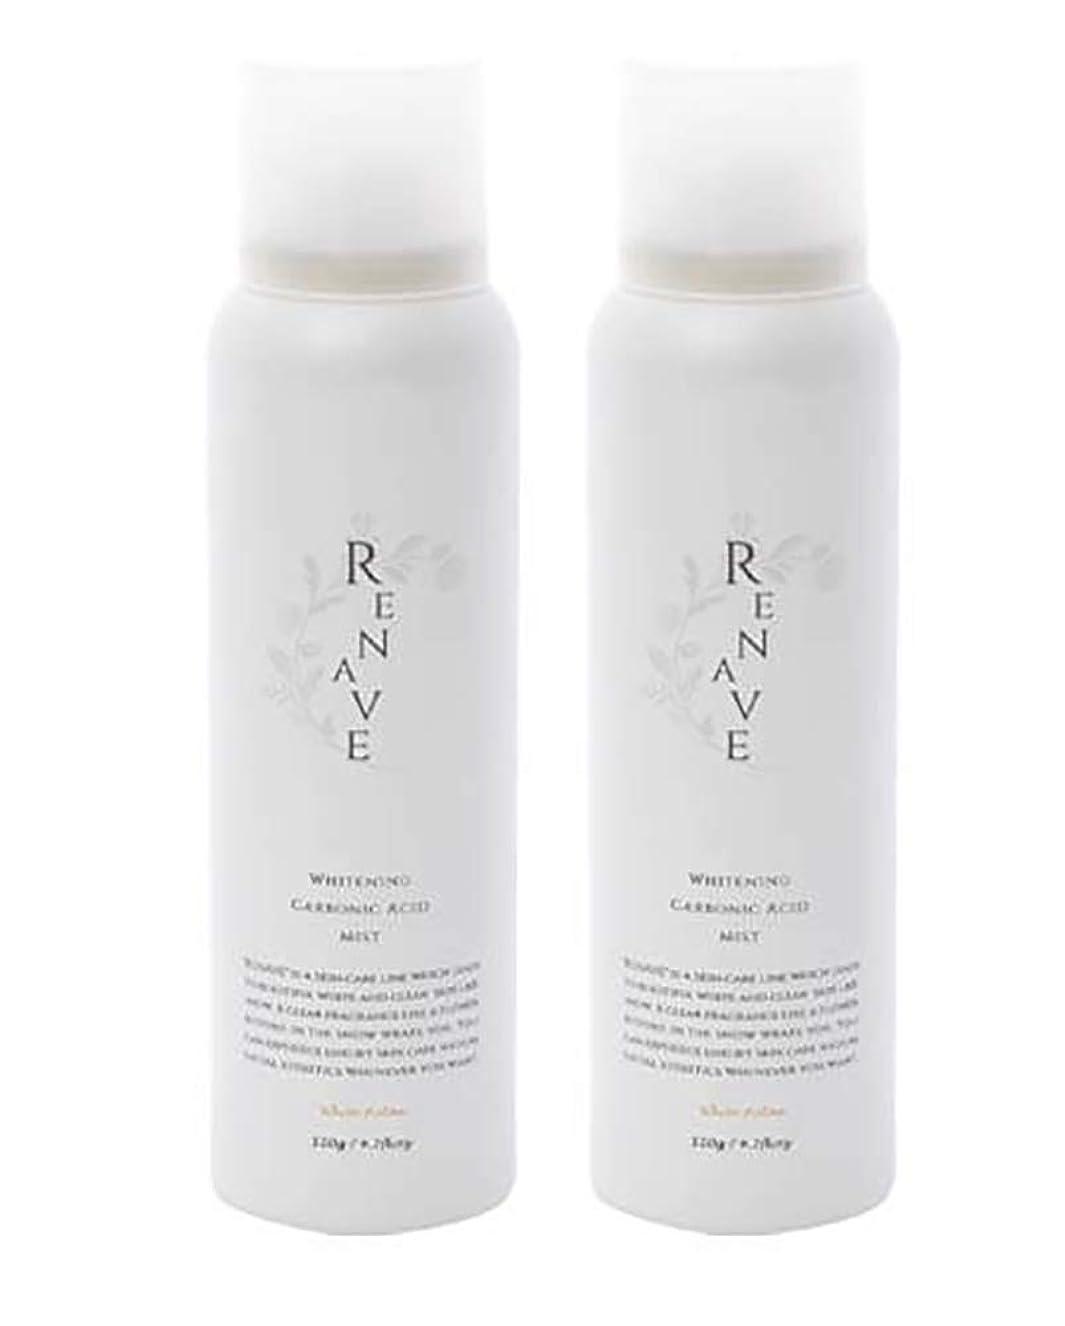 翻訳する貫入しゃがむRENAVE(リネーヴェ) 高濃度炭酸ミスト 薬用美白化粧水 120ml 2本セット